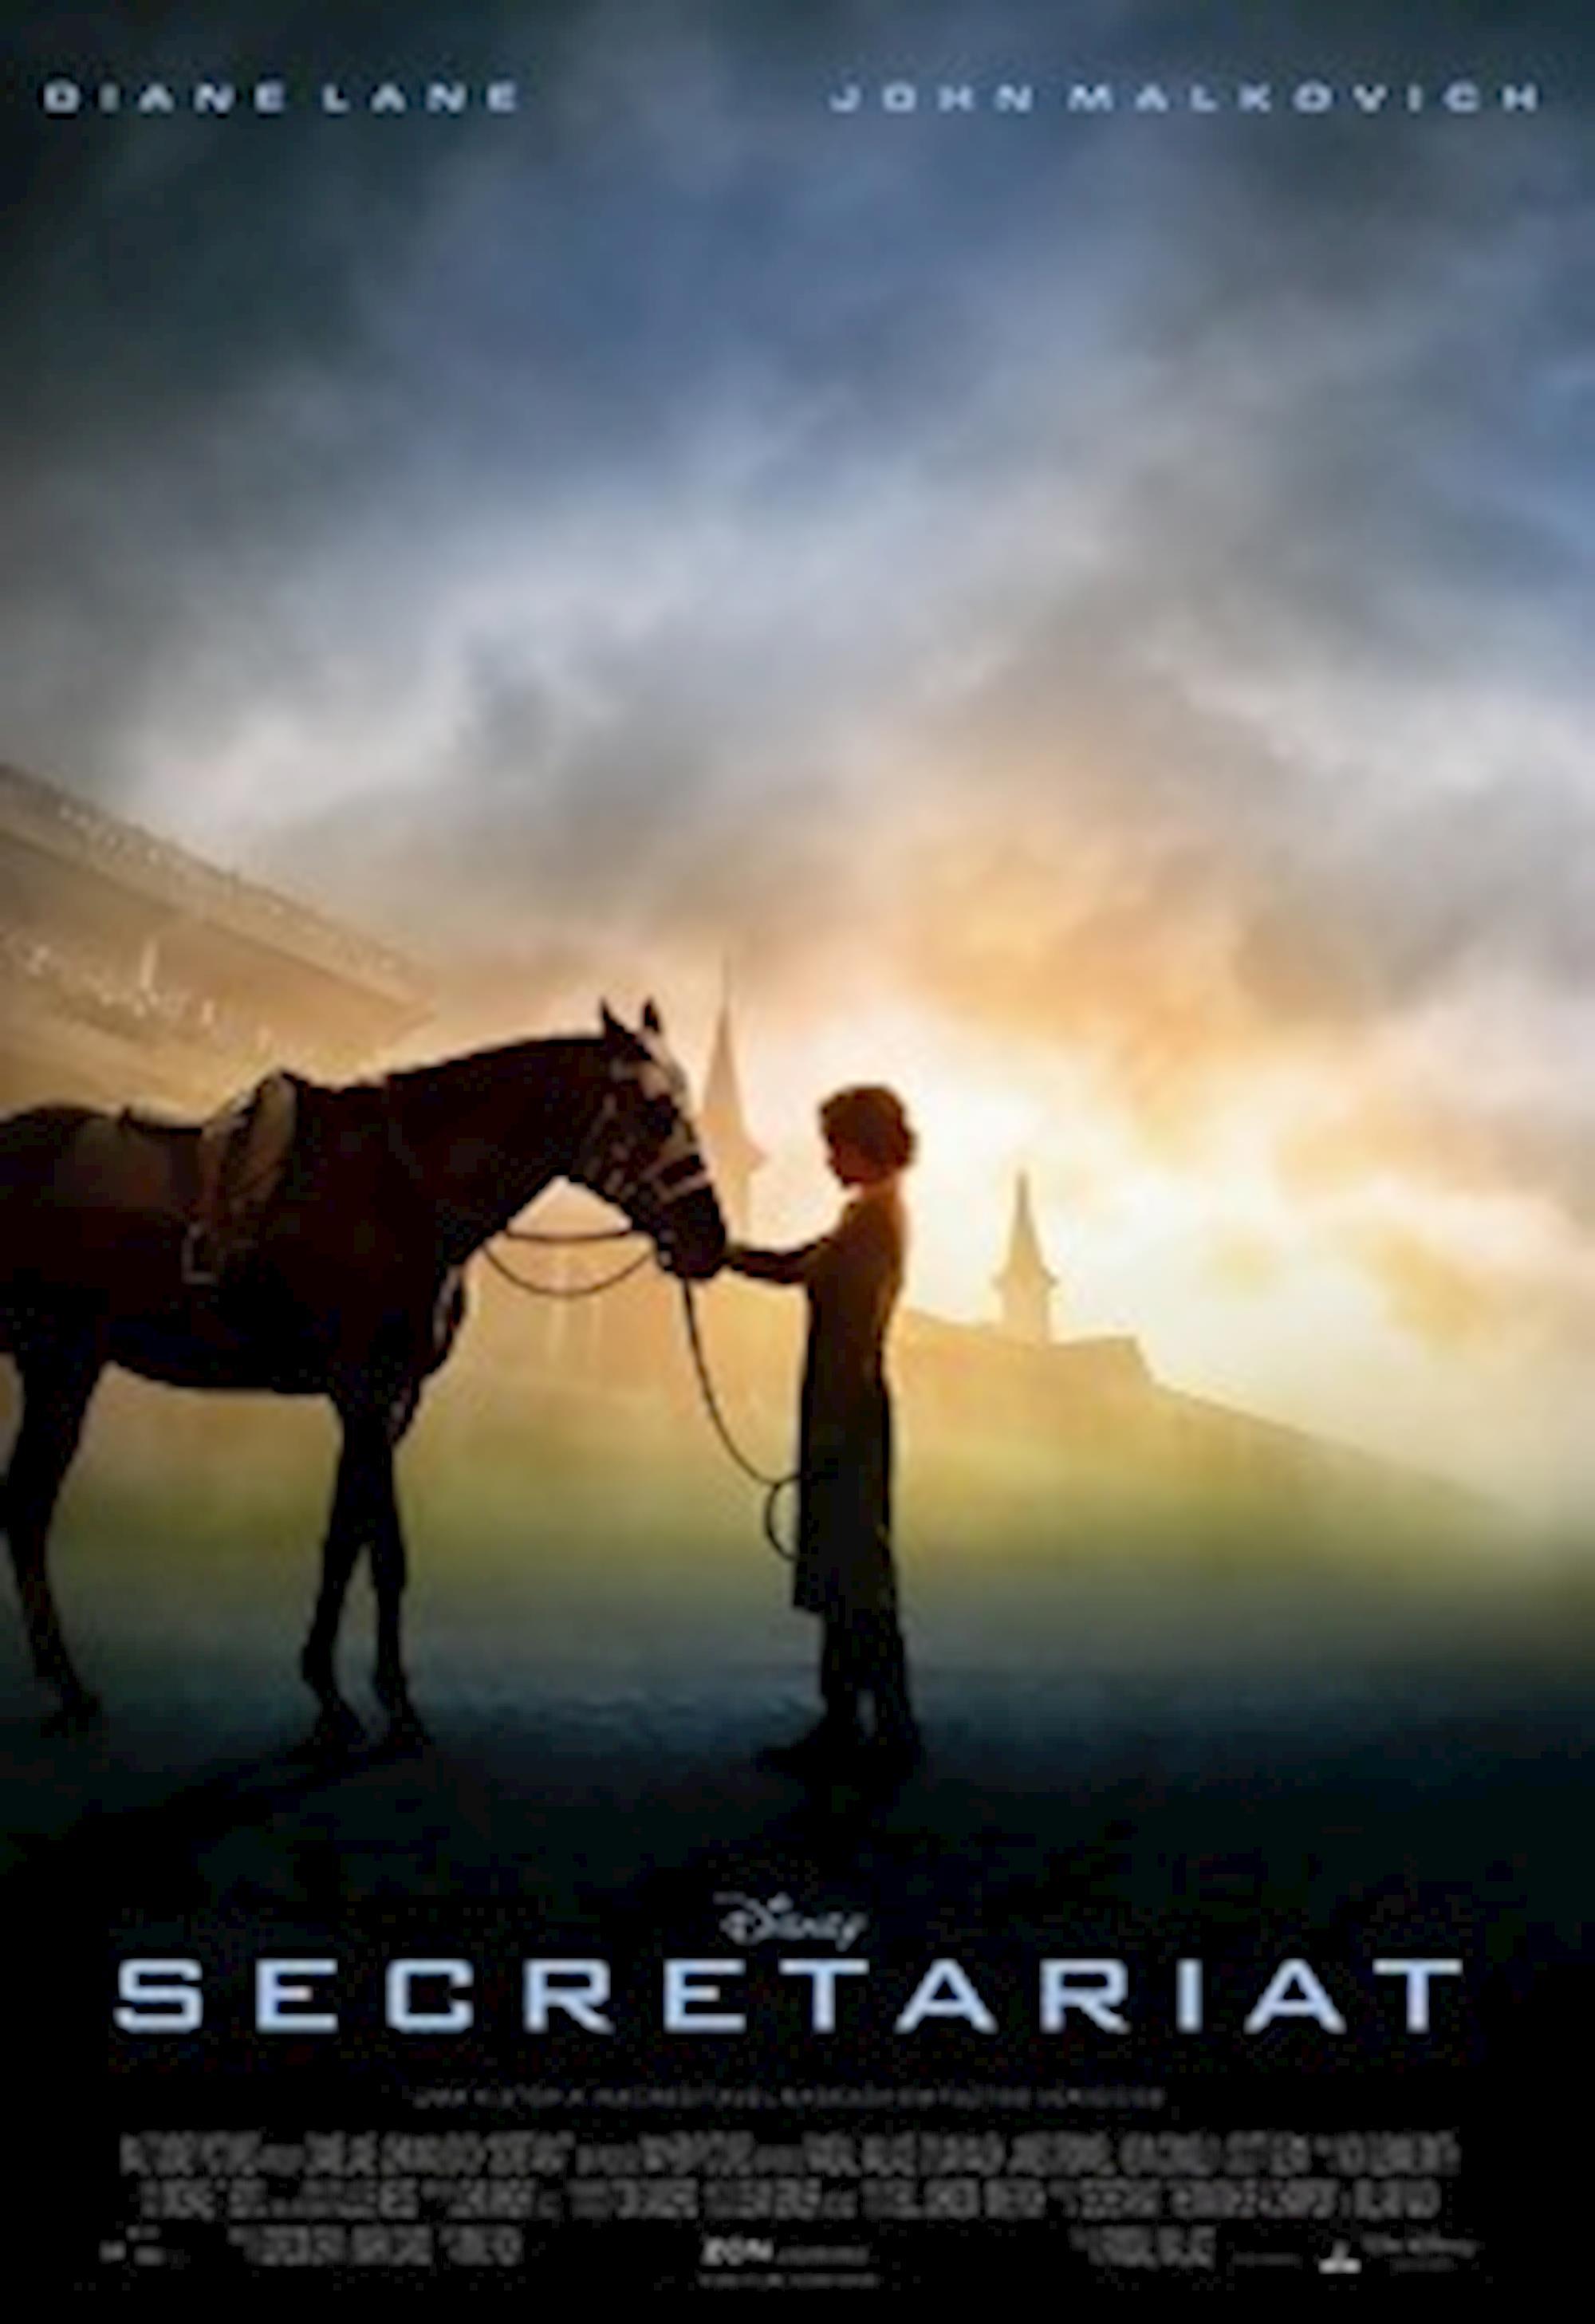 filmes de cavalos, Secretariat, dicas de filmes,